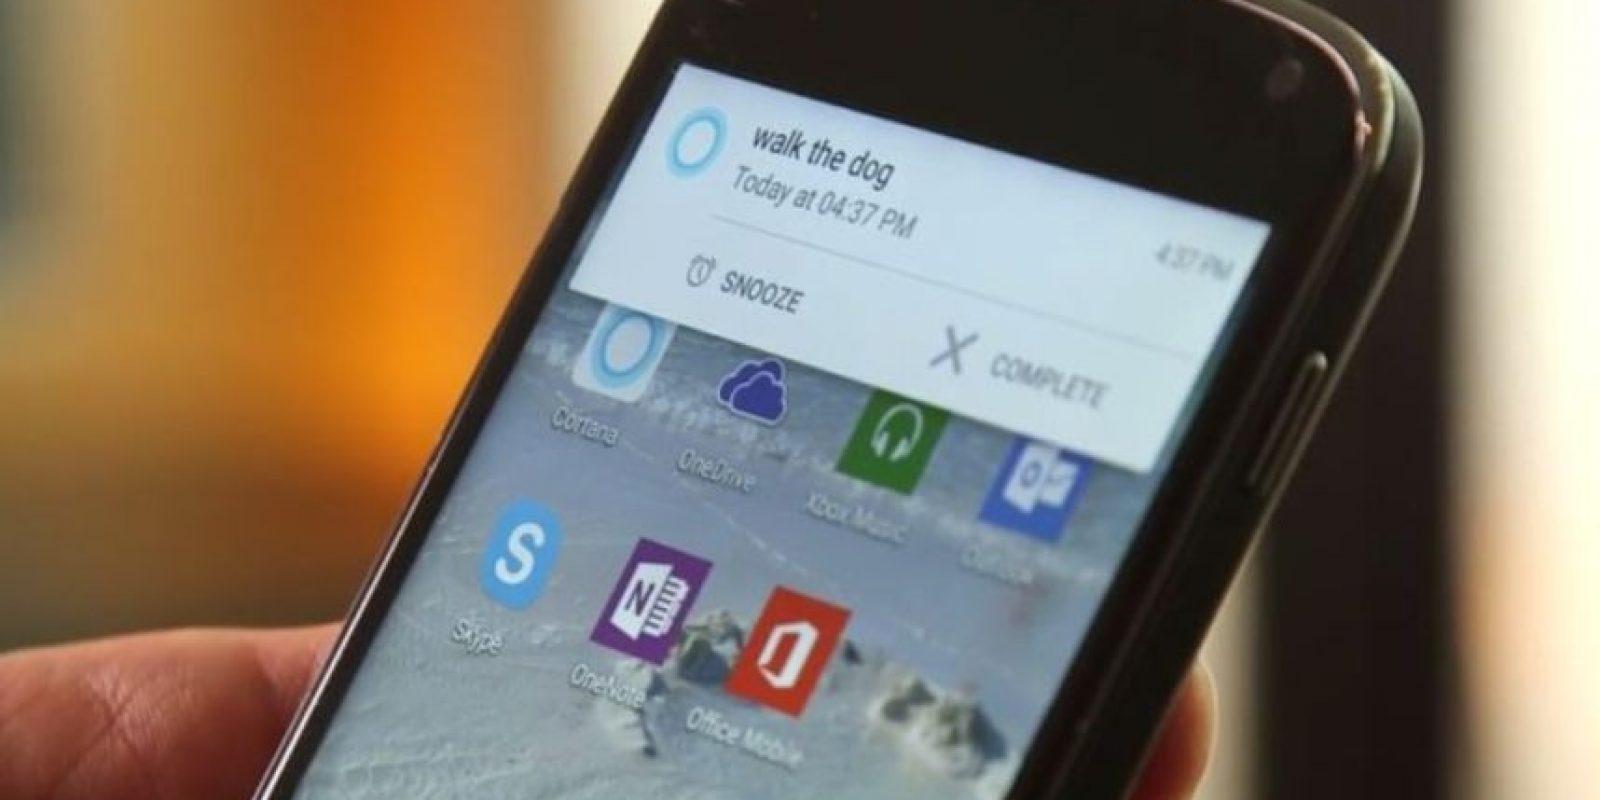 Es posible comenzar una llamada a un contacto específico de Skype y otras acciones determinadas. Foto:Microsoft